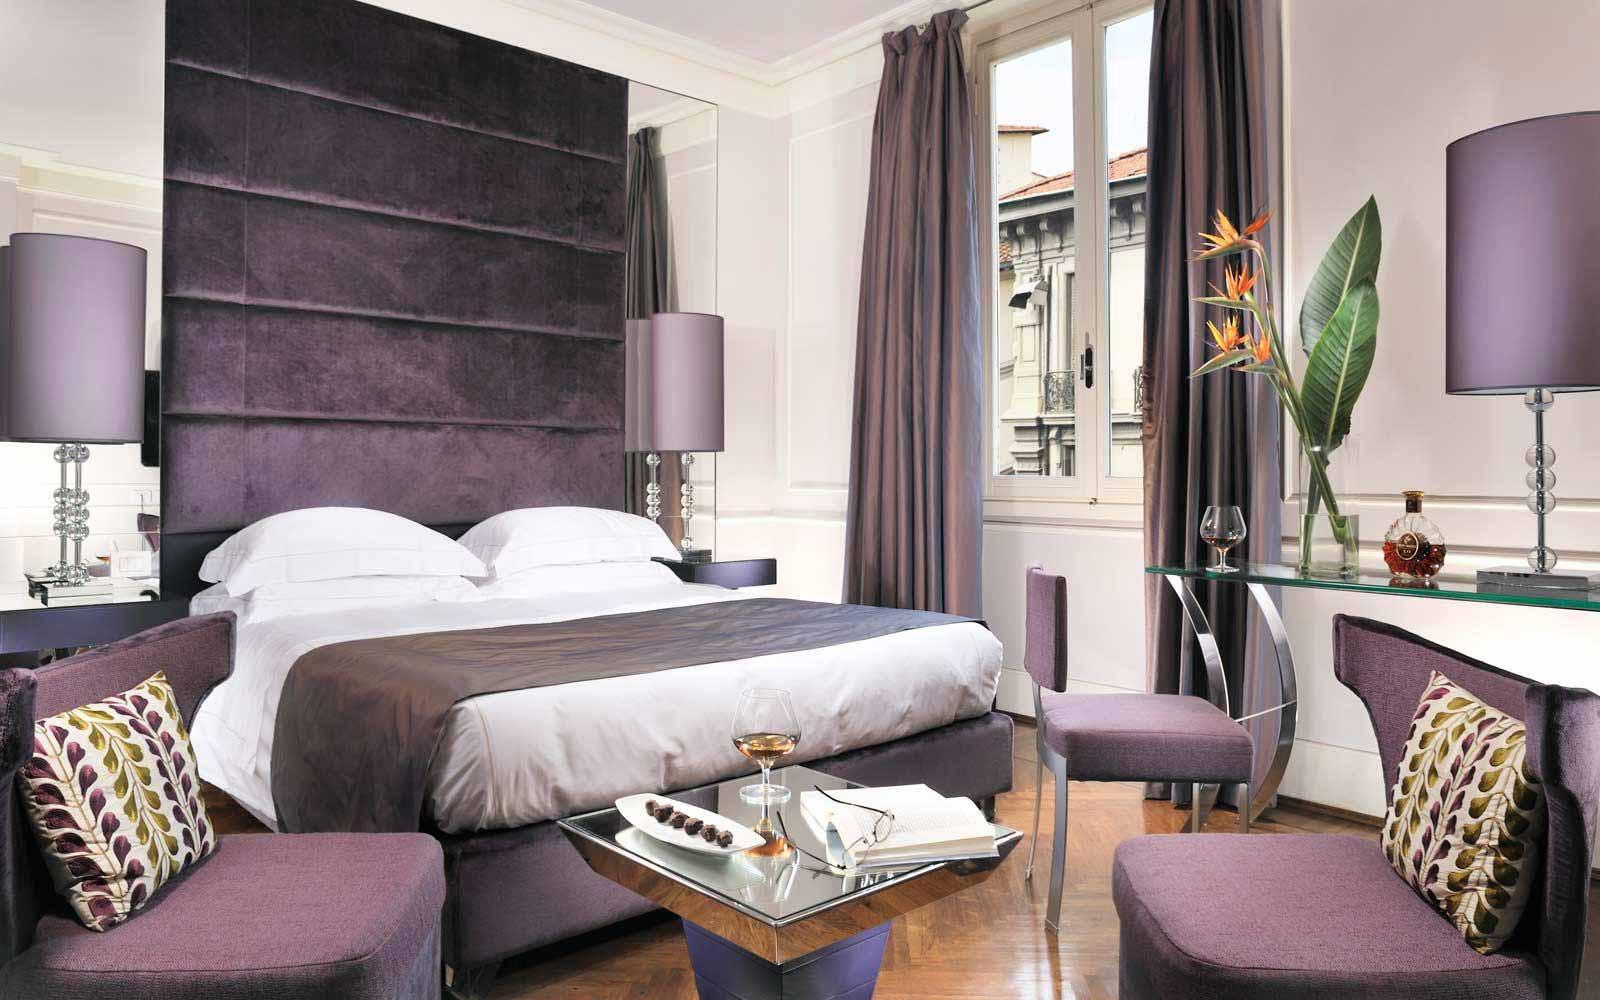 Deluxe room at Hotel Brunelleschi